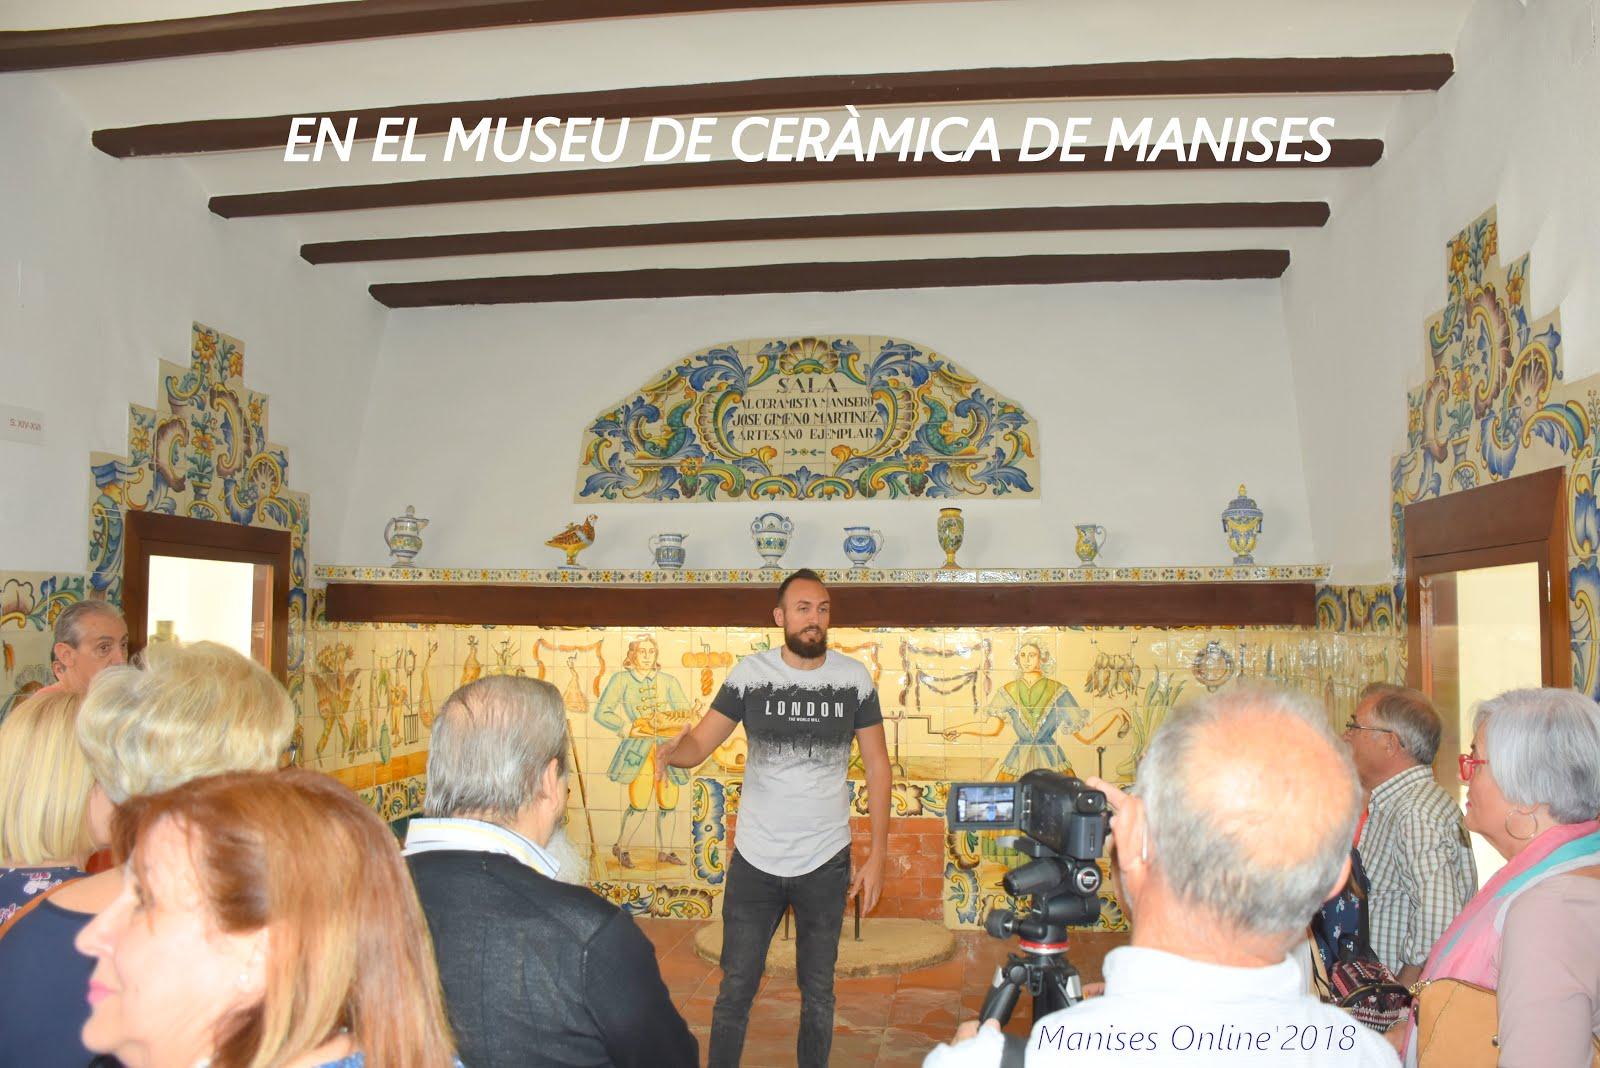 19.05.18 DIA DELS MUSEUS EN MANISES, VISITA CULTURAL